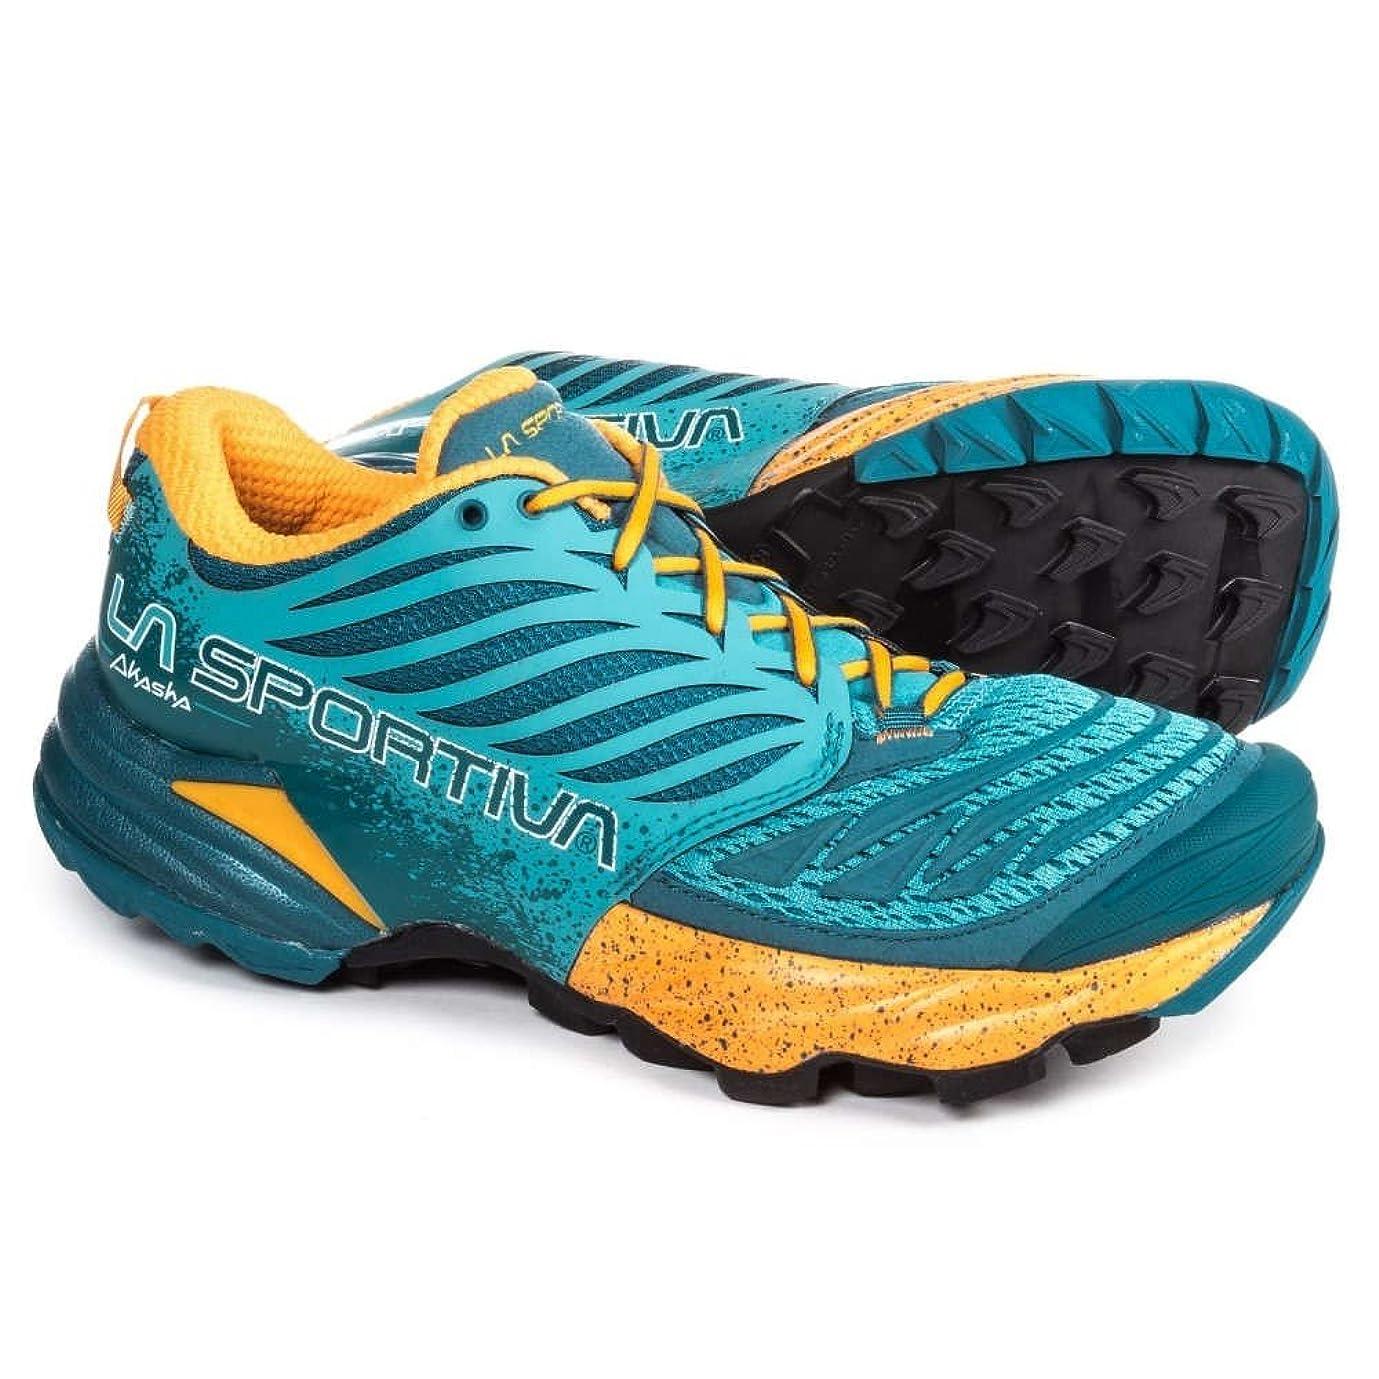 六すでにプロット(ラスポルティバ) La Sportiva レディース ランニング?ウォーキング シューズ?靴 Akasha Trail Running Shoes [並行輸入品]